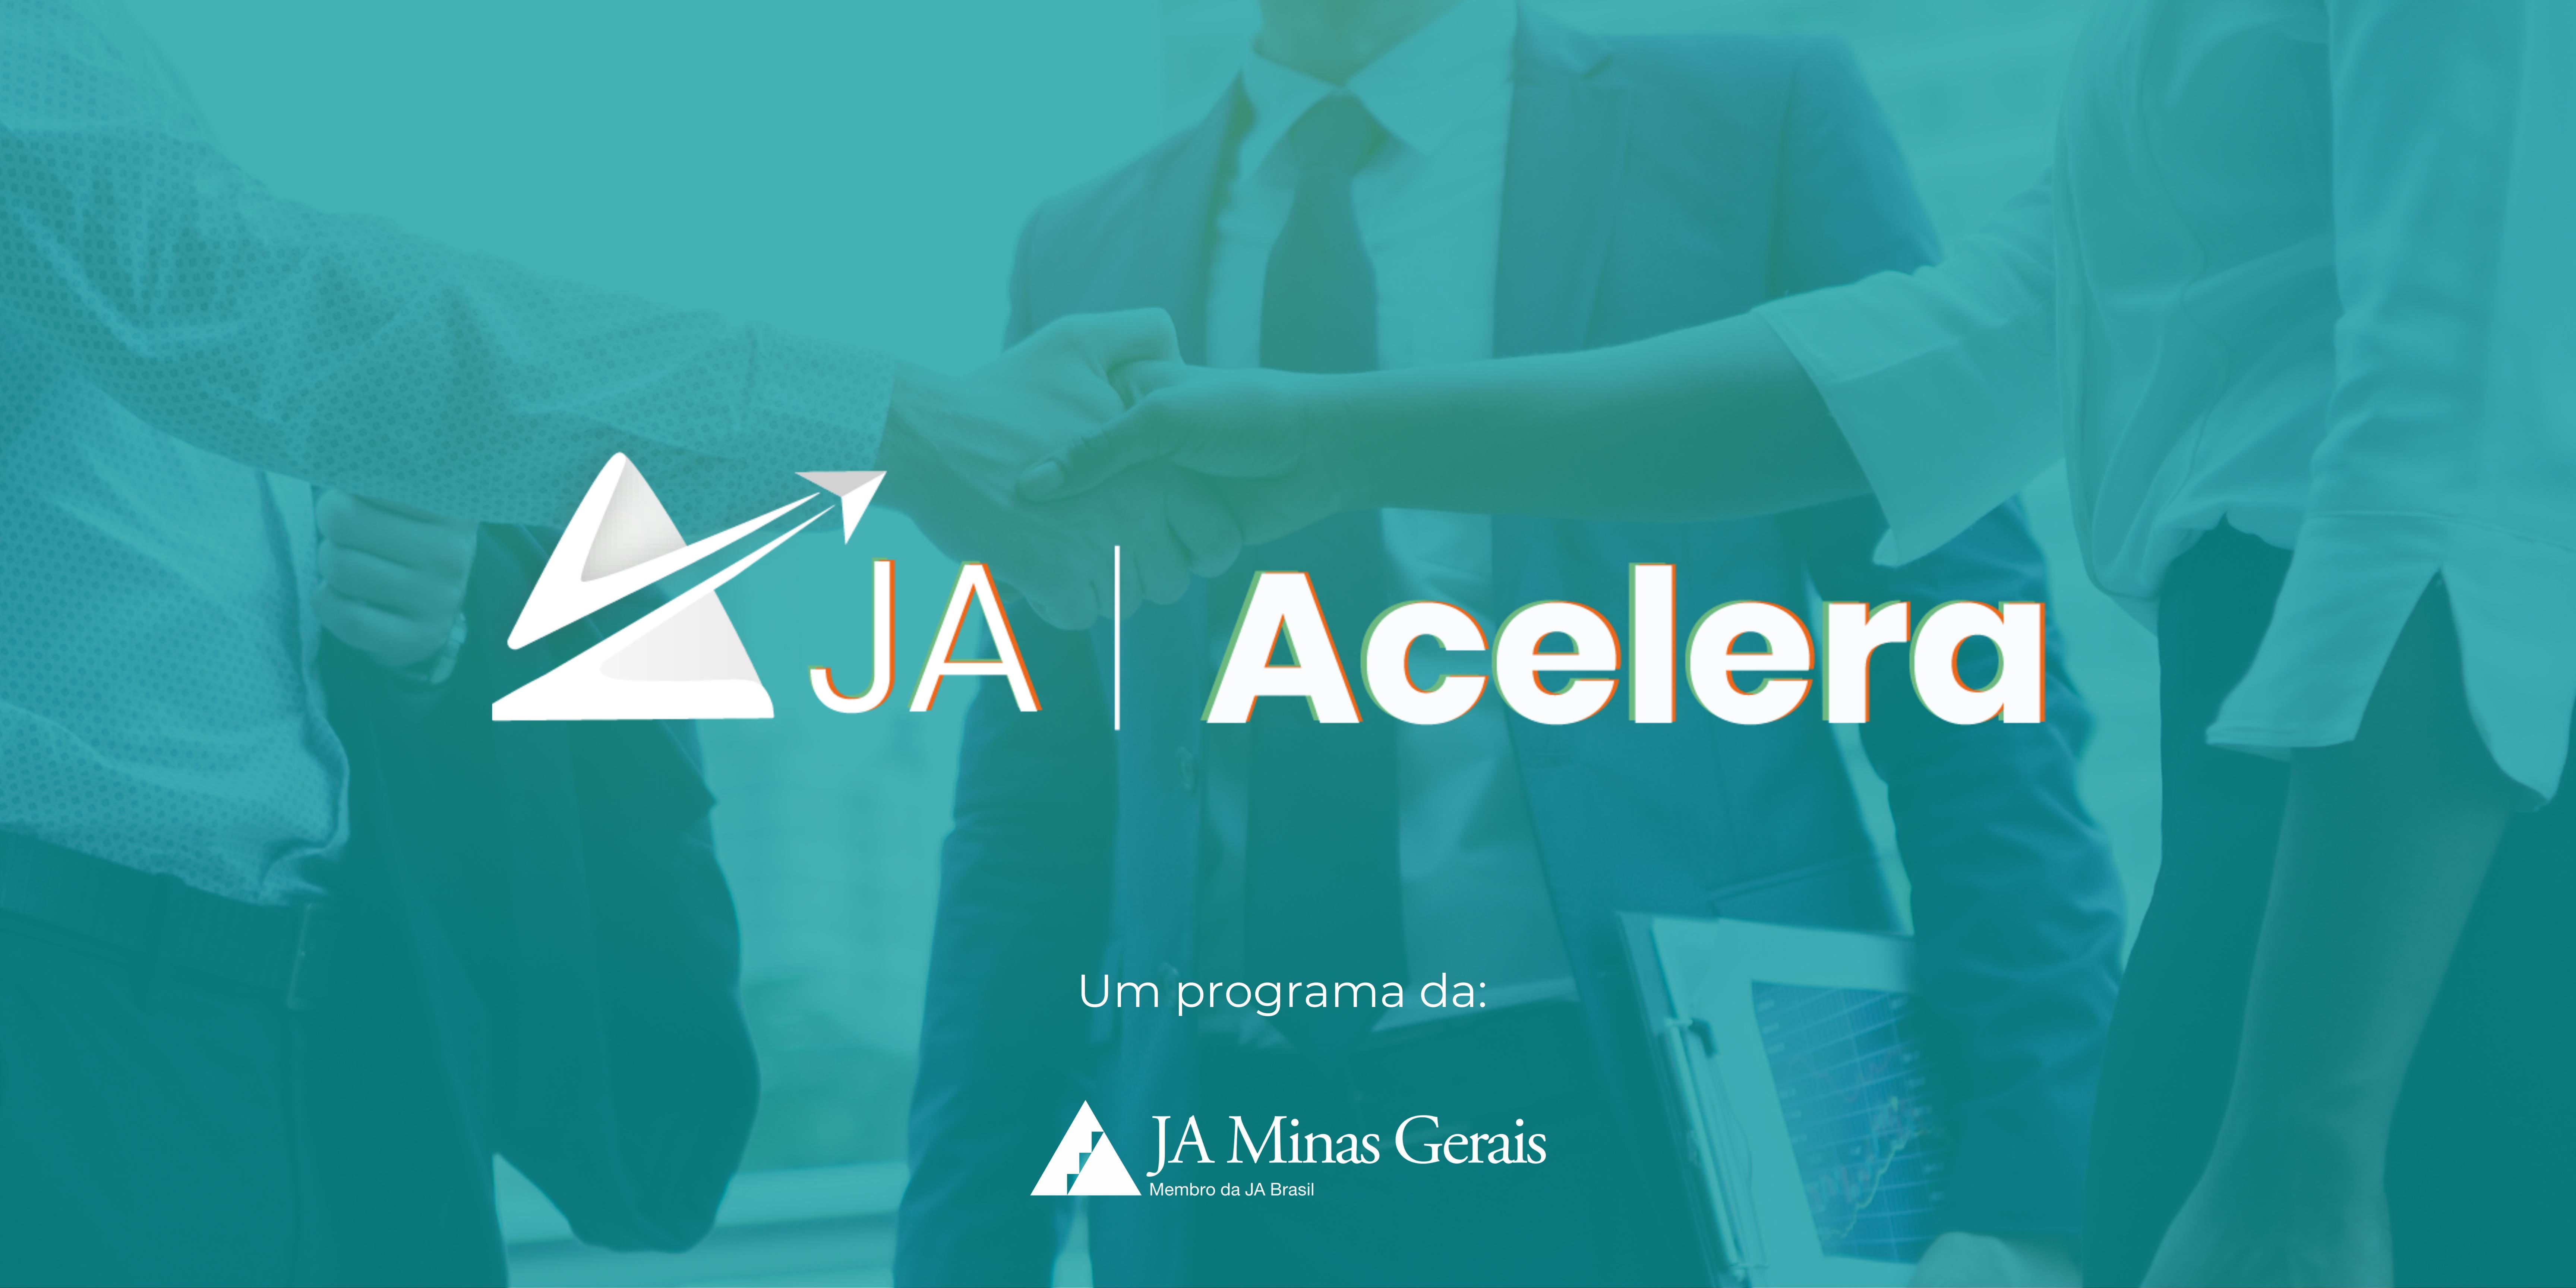 Participe do programa JA Acelera